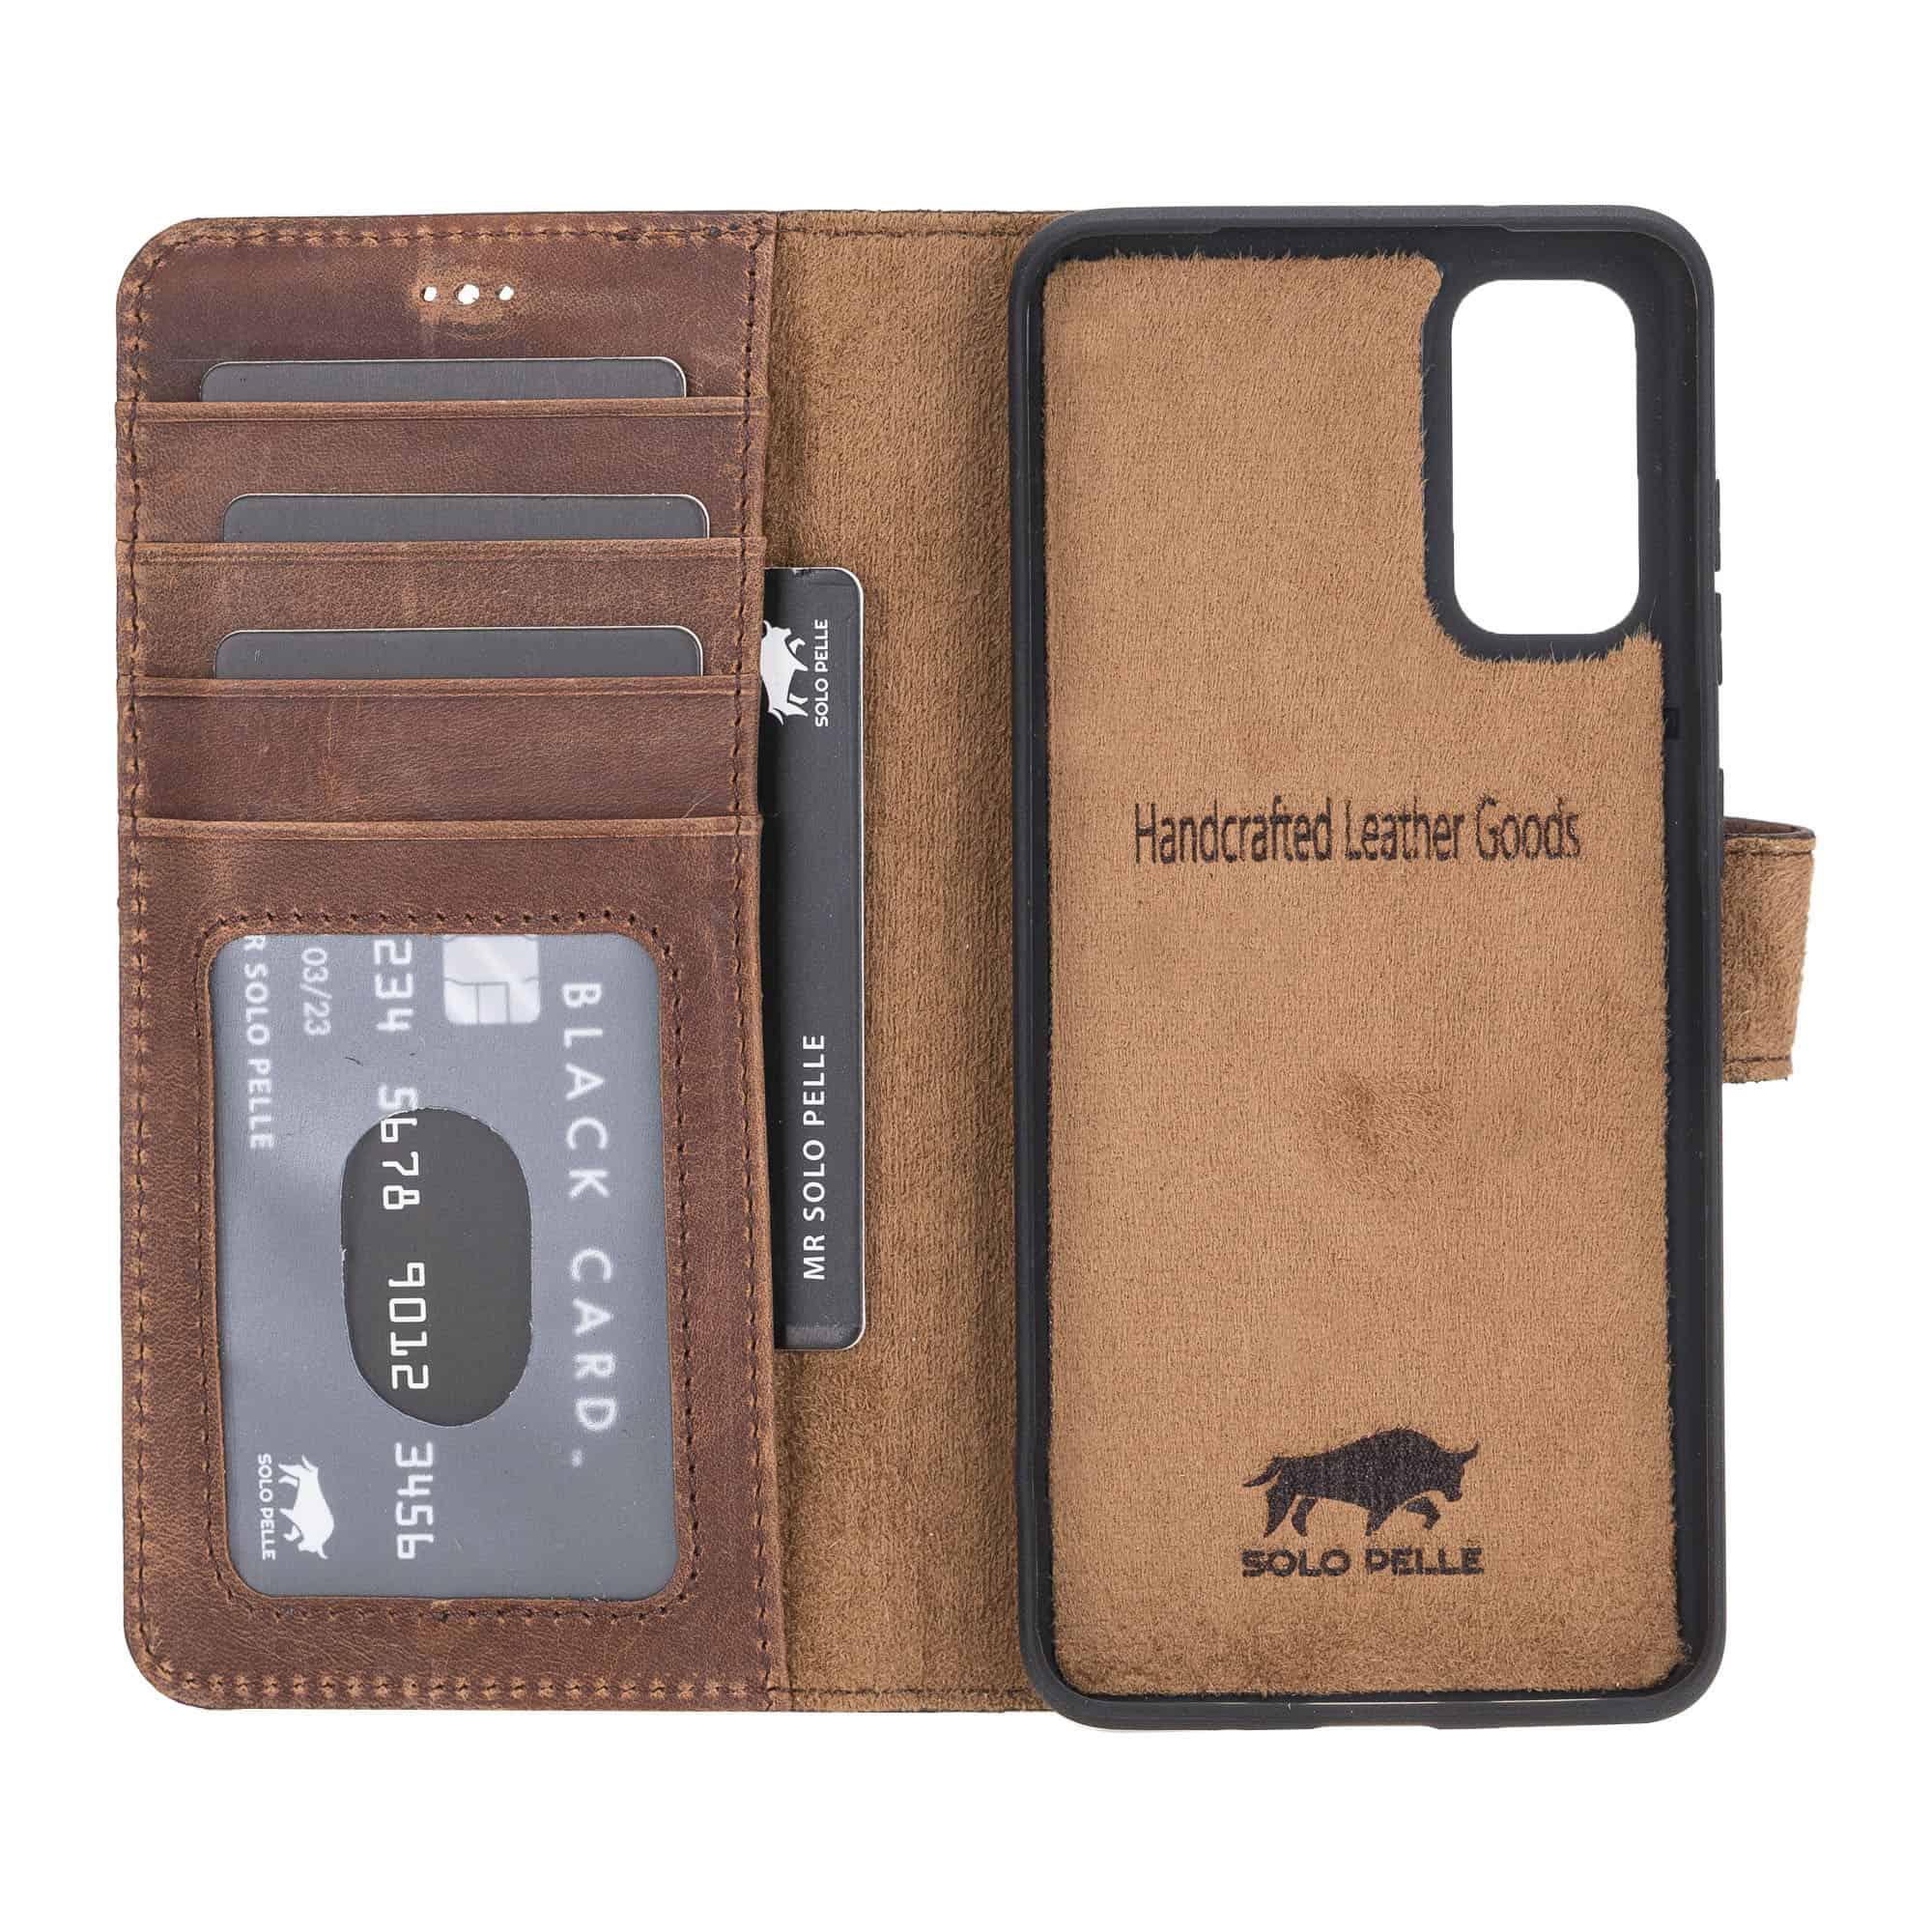 Solo Pelle Lederhülle Harvard kompatibel für das Samsung Galaxy Note20 I Note 20 inklusive abnehmbare Hülle mit integrierten Kartenfächer (Vintage Braun)